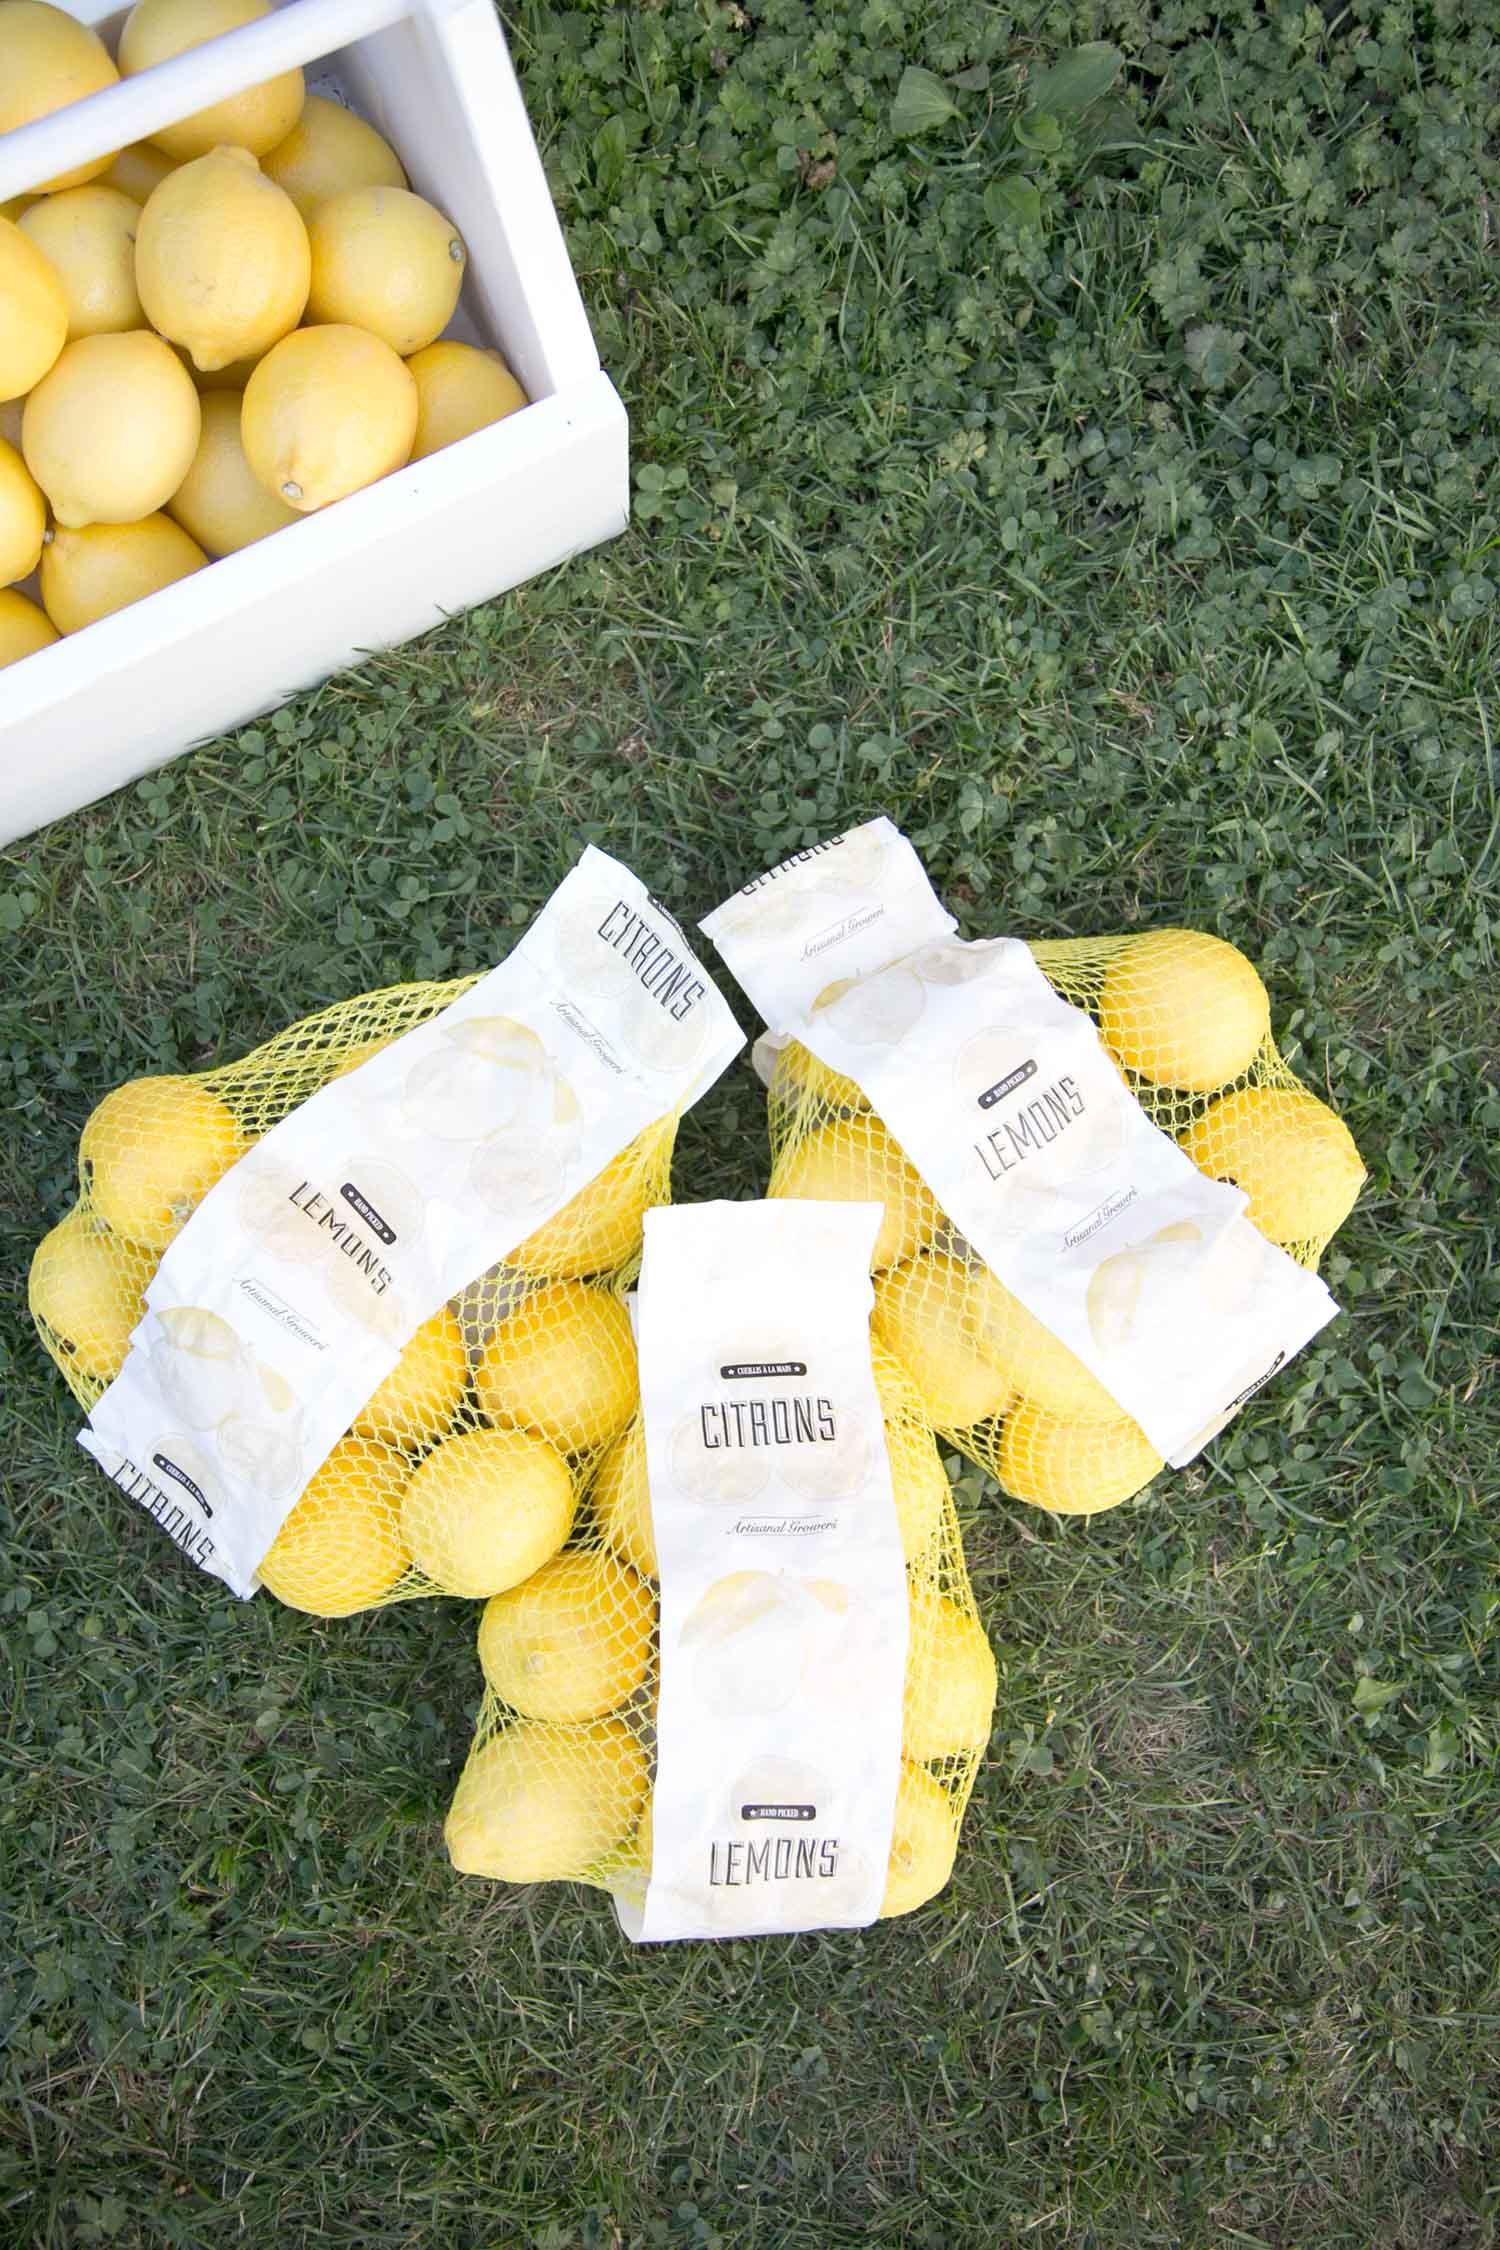 bags of lemons